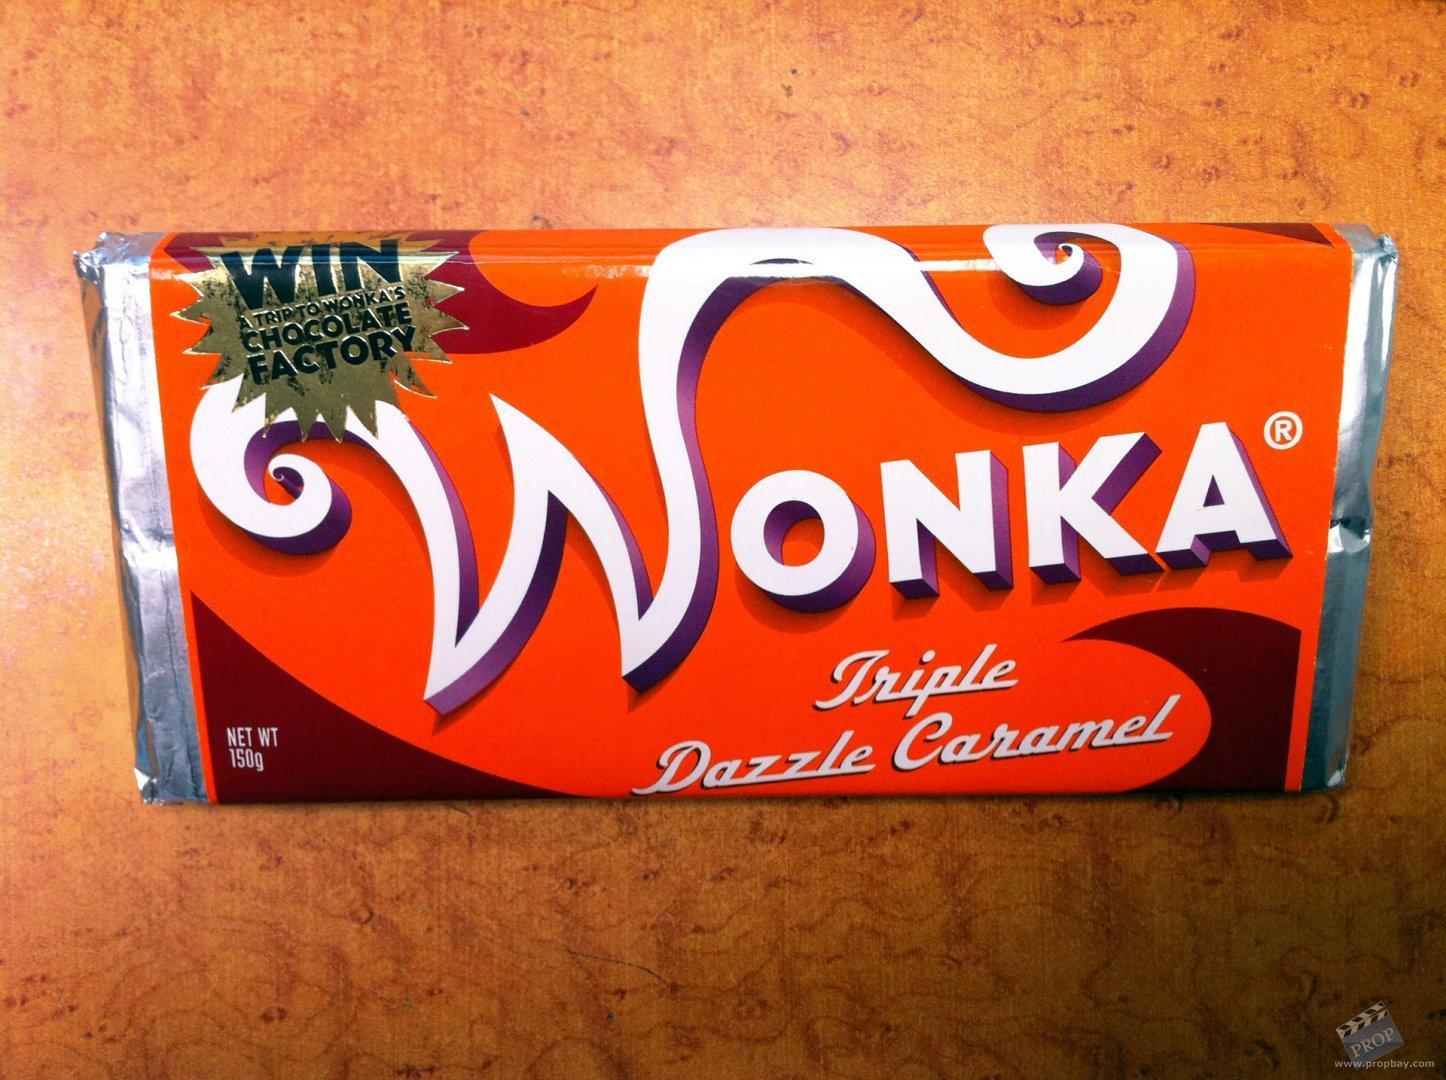 Original Willy Wonka Chocolate Bars